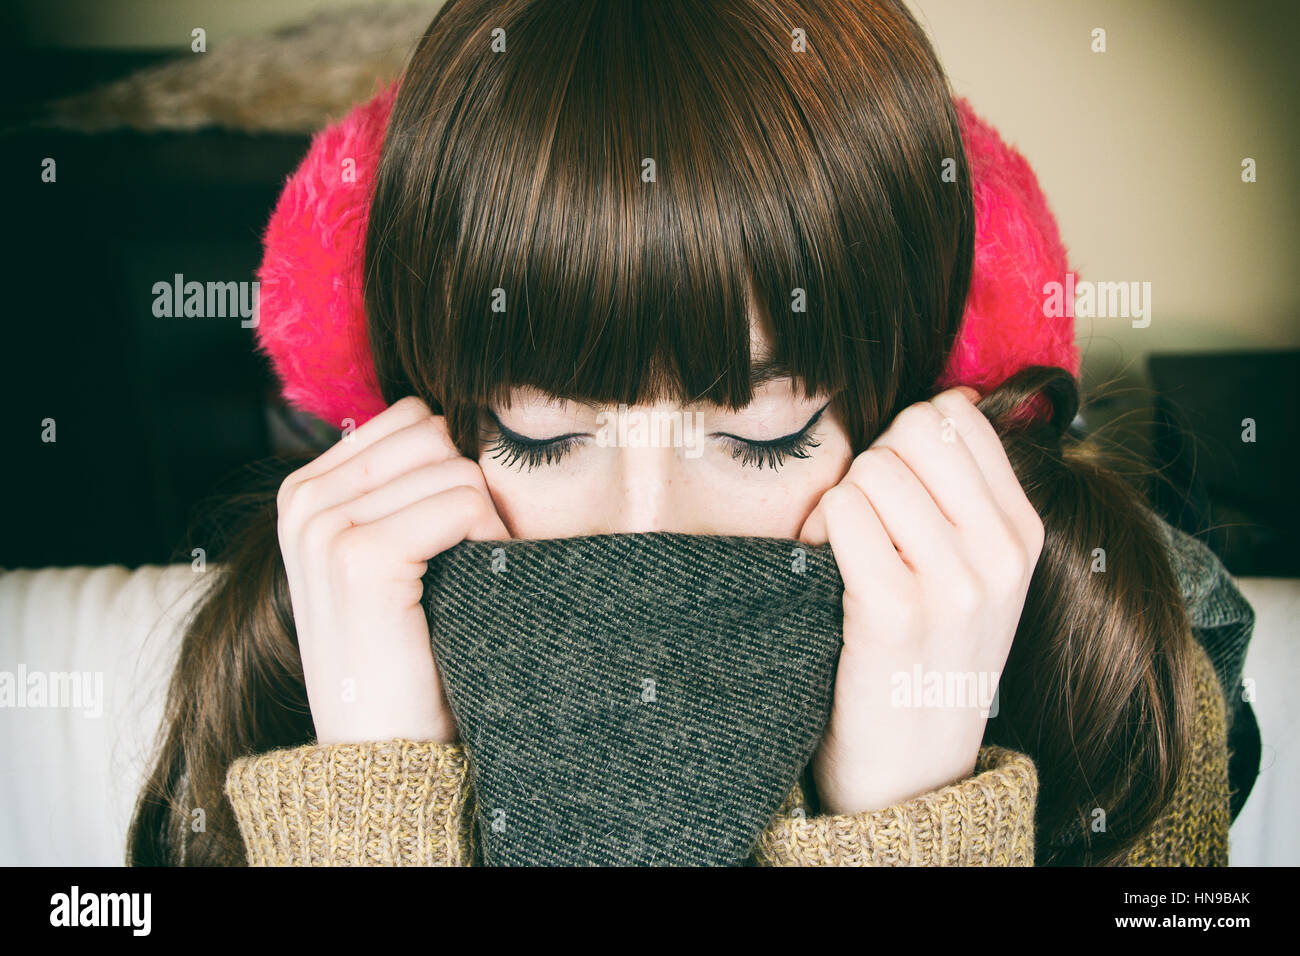 Porträt einer schönen jungen Frau mit Winterkleidung Stockbild